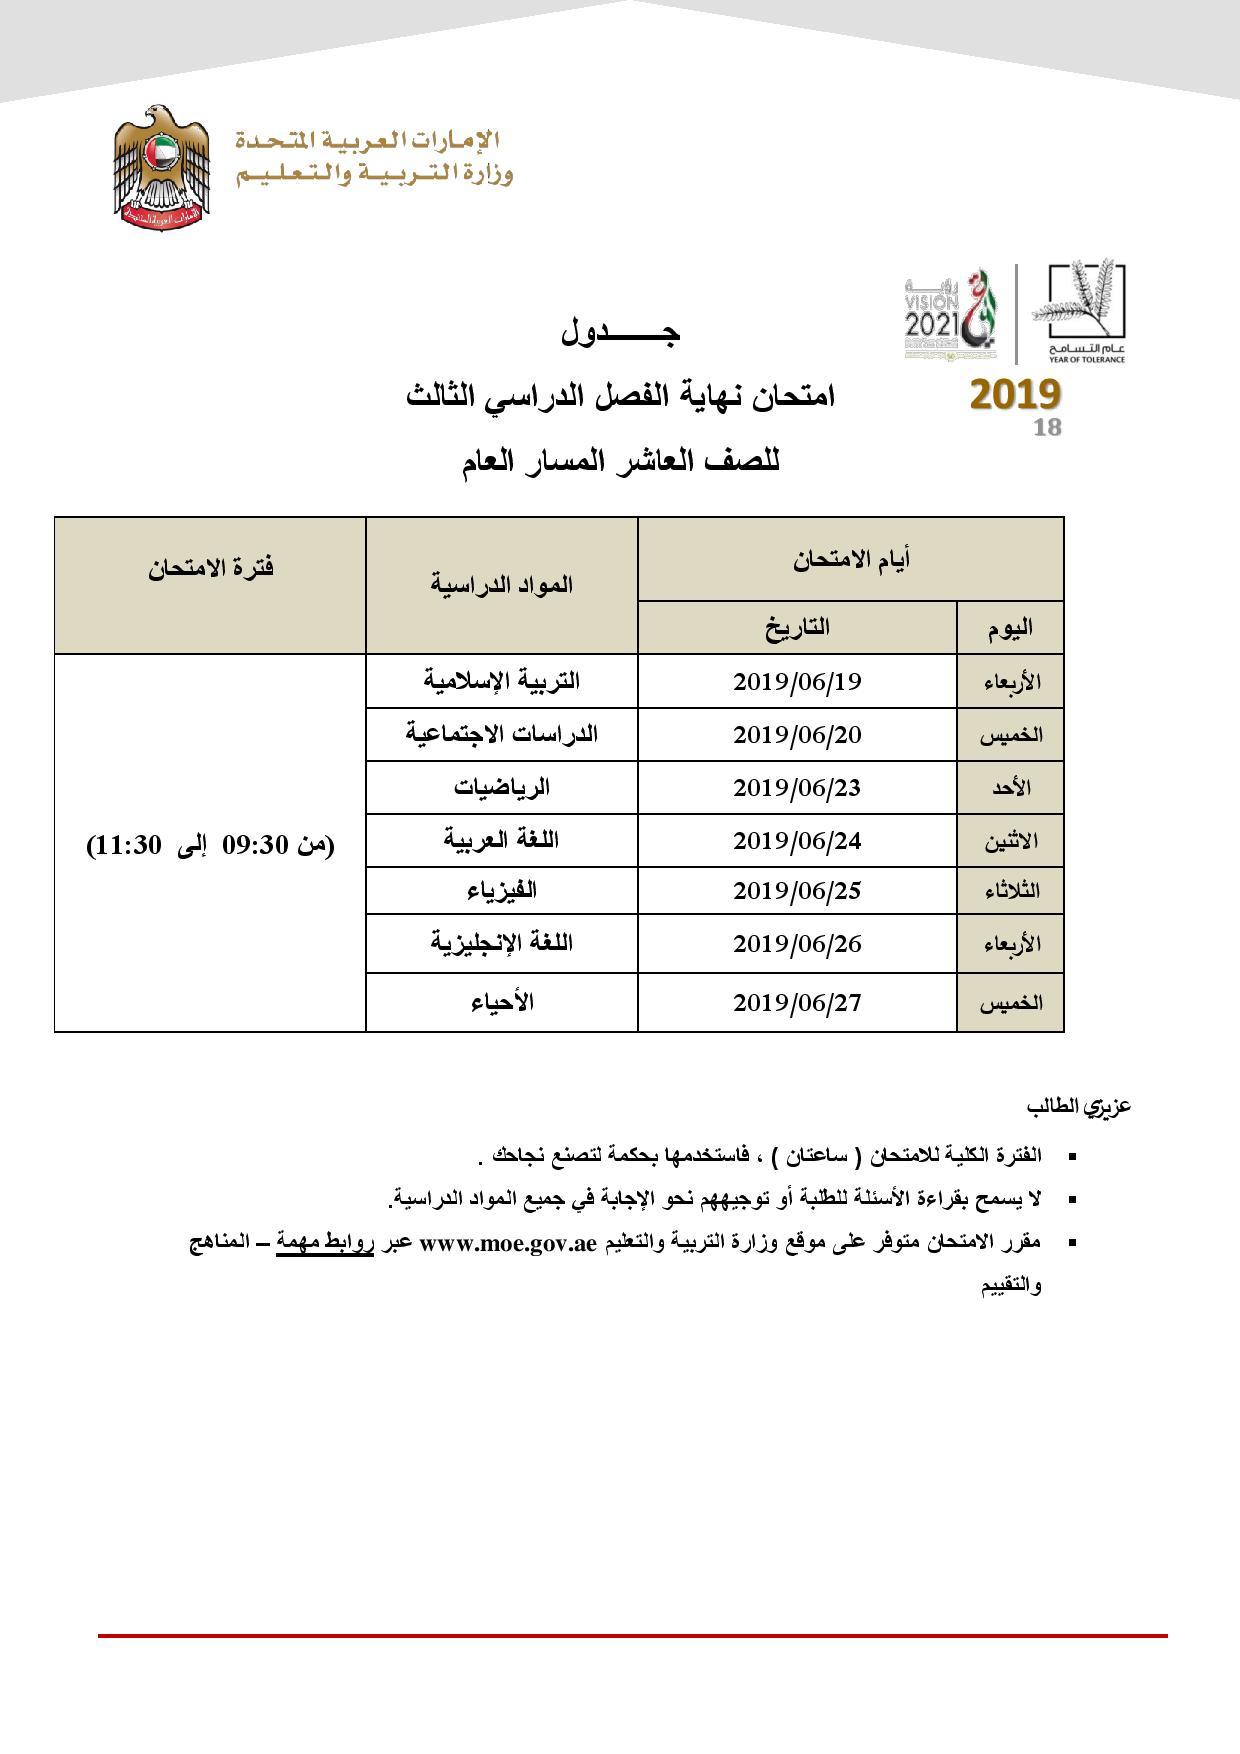 جدول الصف العاشر الفصل الثالث المسار العام